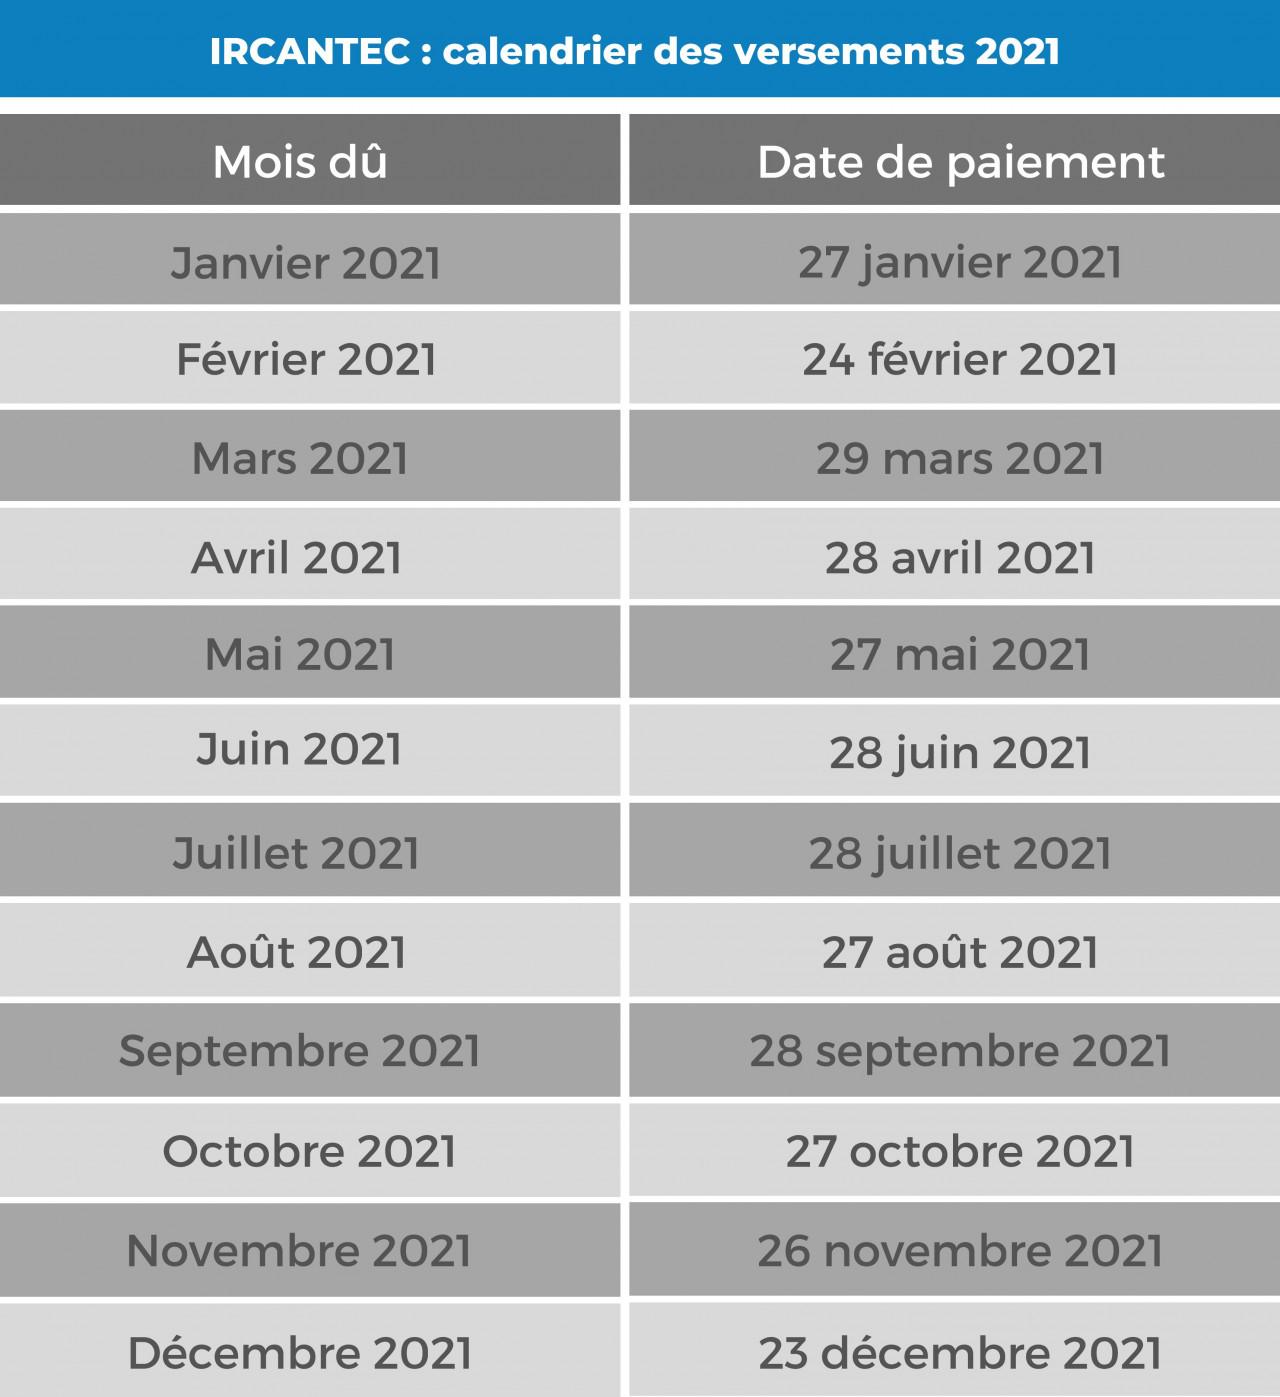 Calendrier Paiement Ircantec 2022 Pensions de retraite : quel est le calendrier des versements en 2021 ?